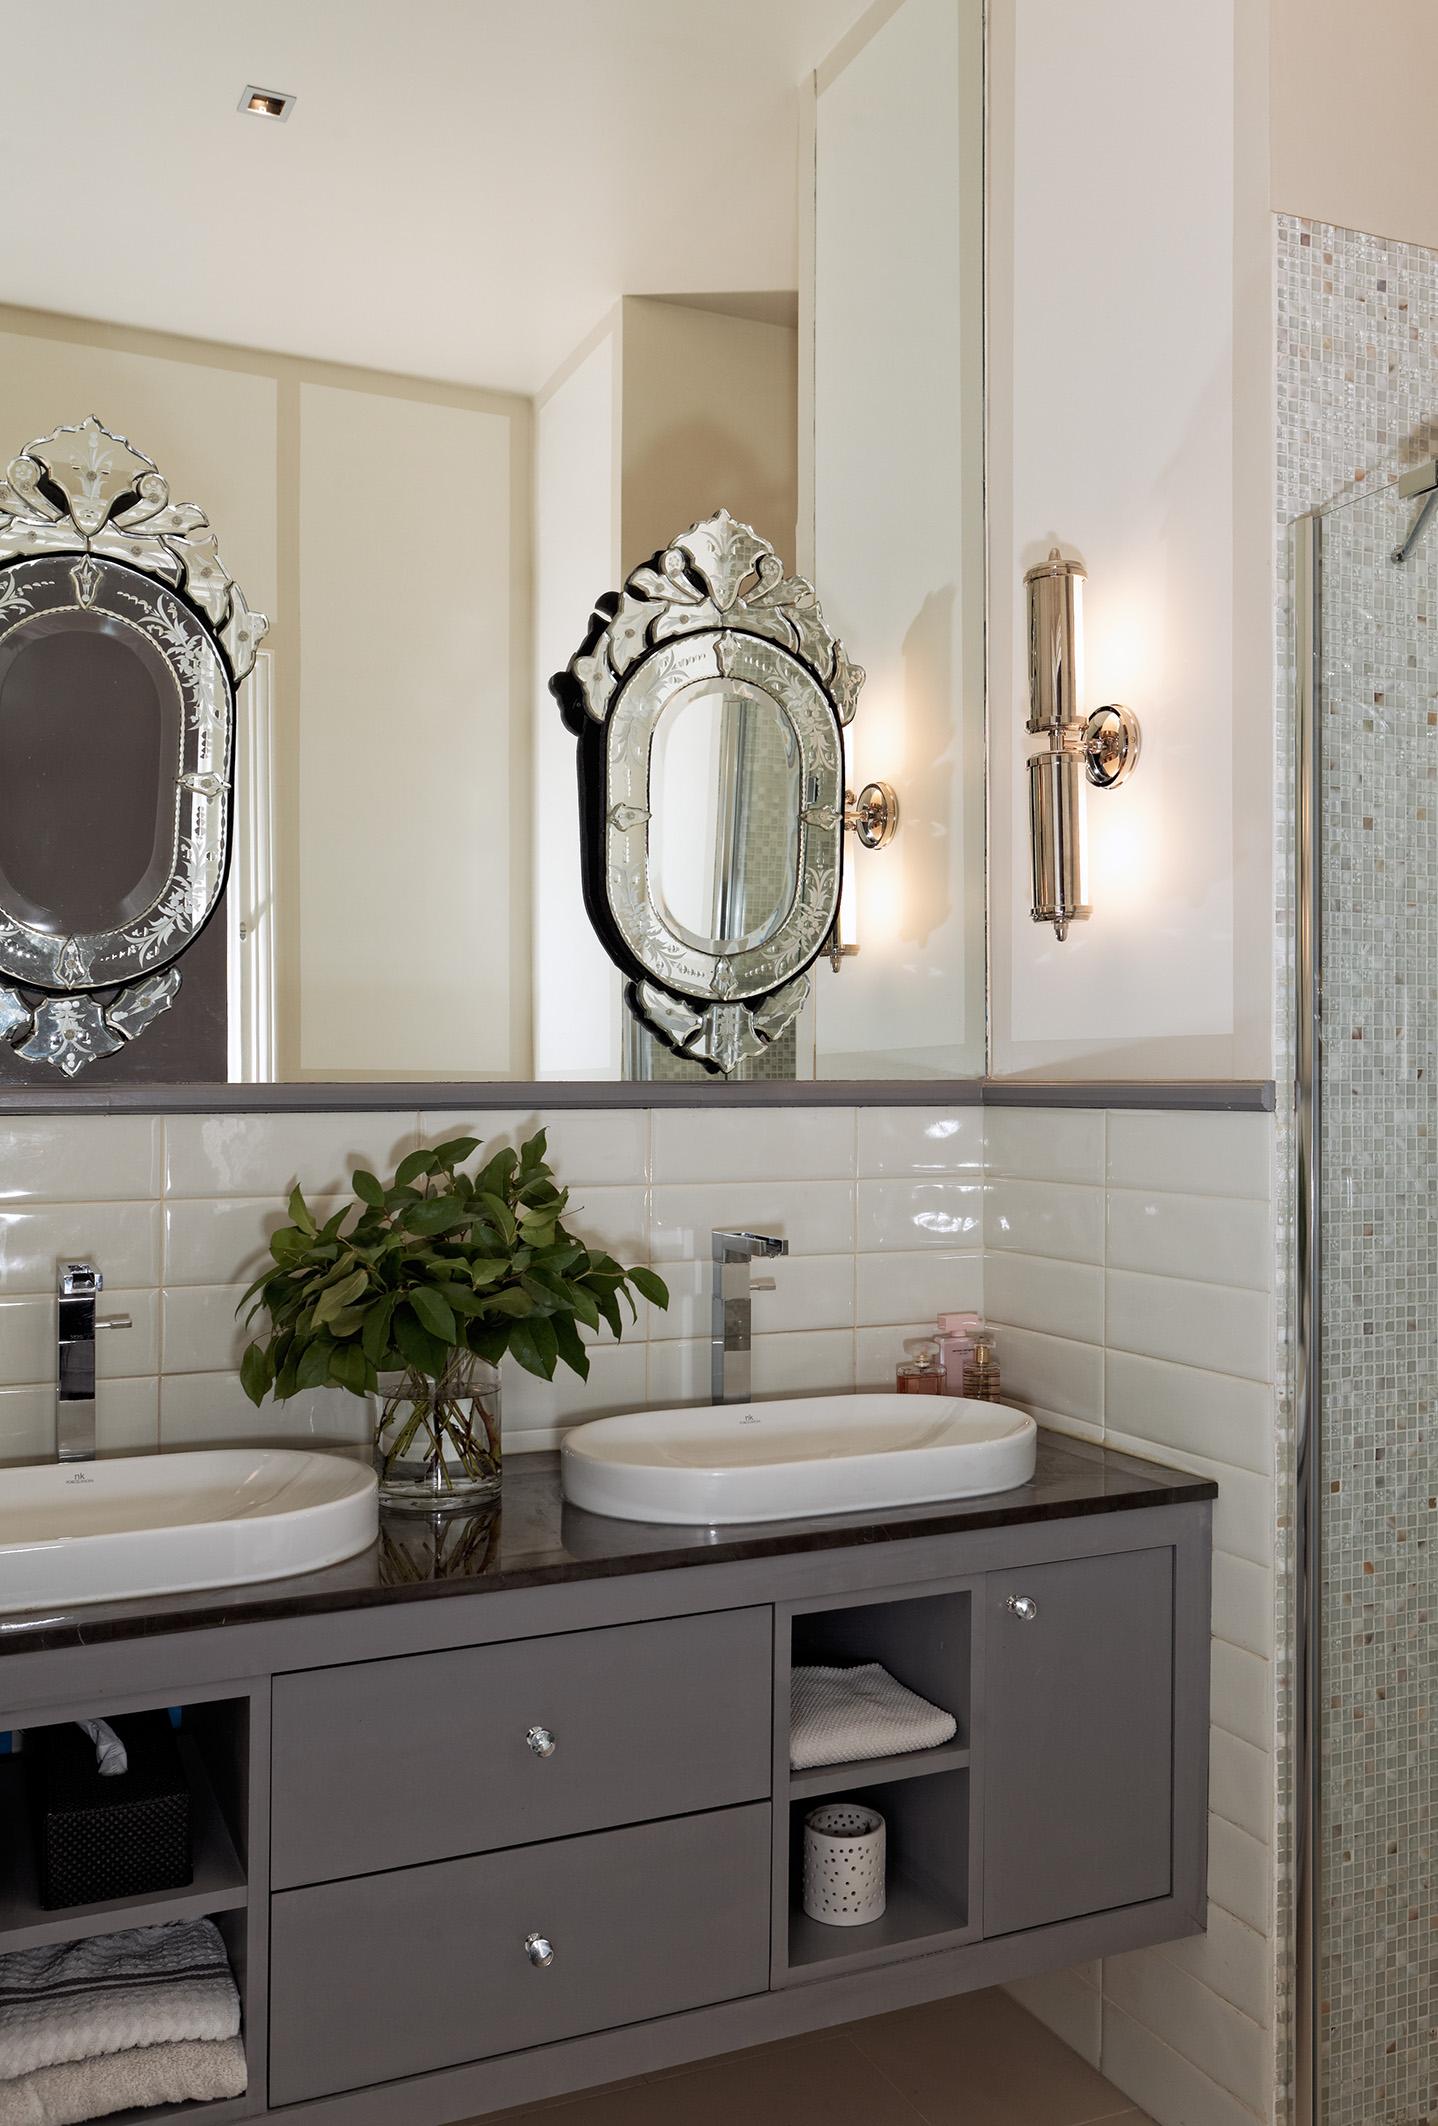 Salle-de-bains. Miroirs vénitiens sur volume miroir. Création de l'agence d'architecture d'intérieur Olivier Berni Intérieurs.